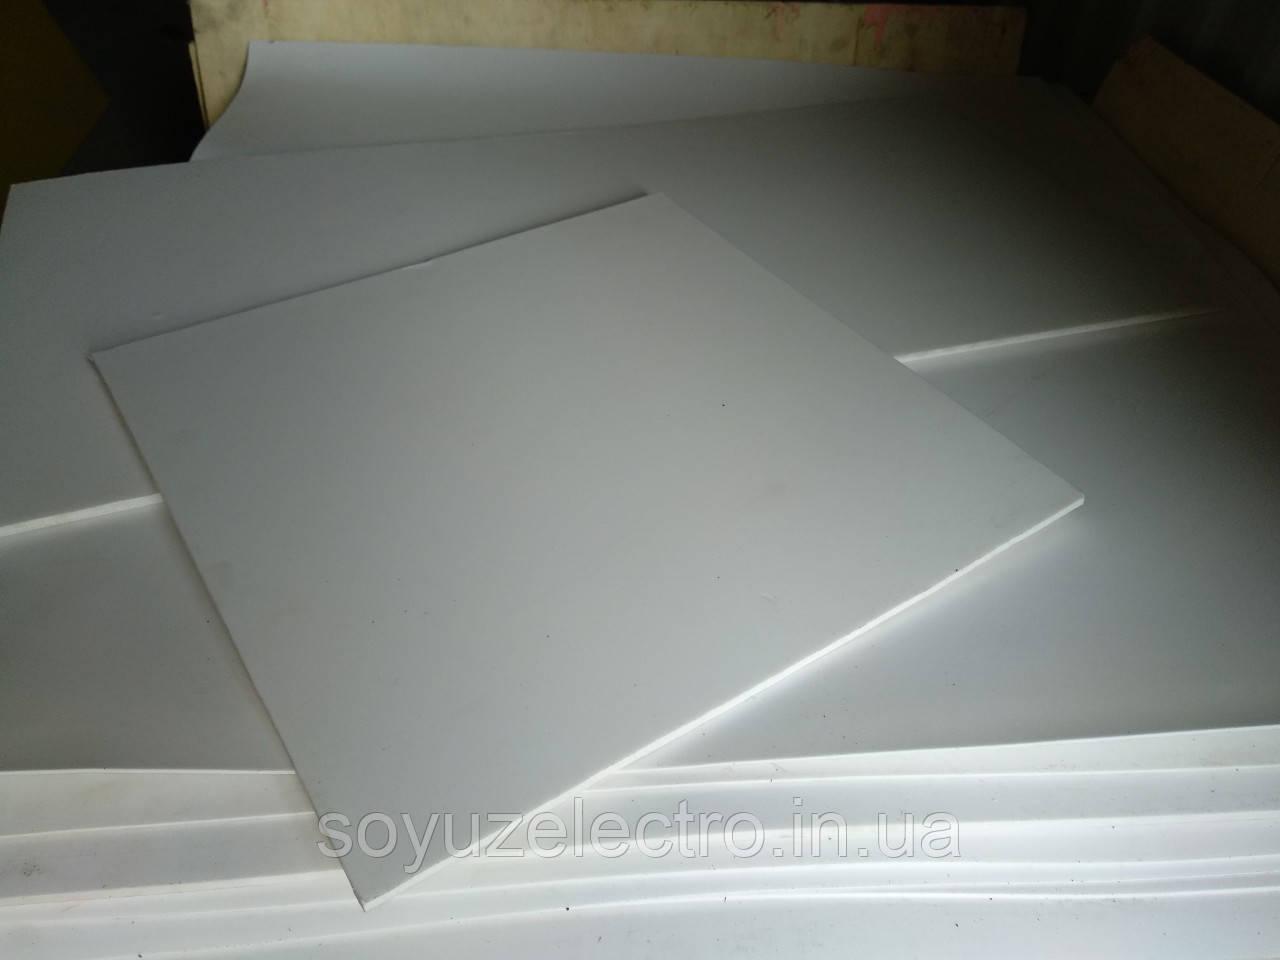 Фторопласт лист Ф4 5 мм 1000х1000 мм